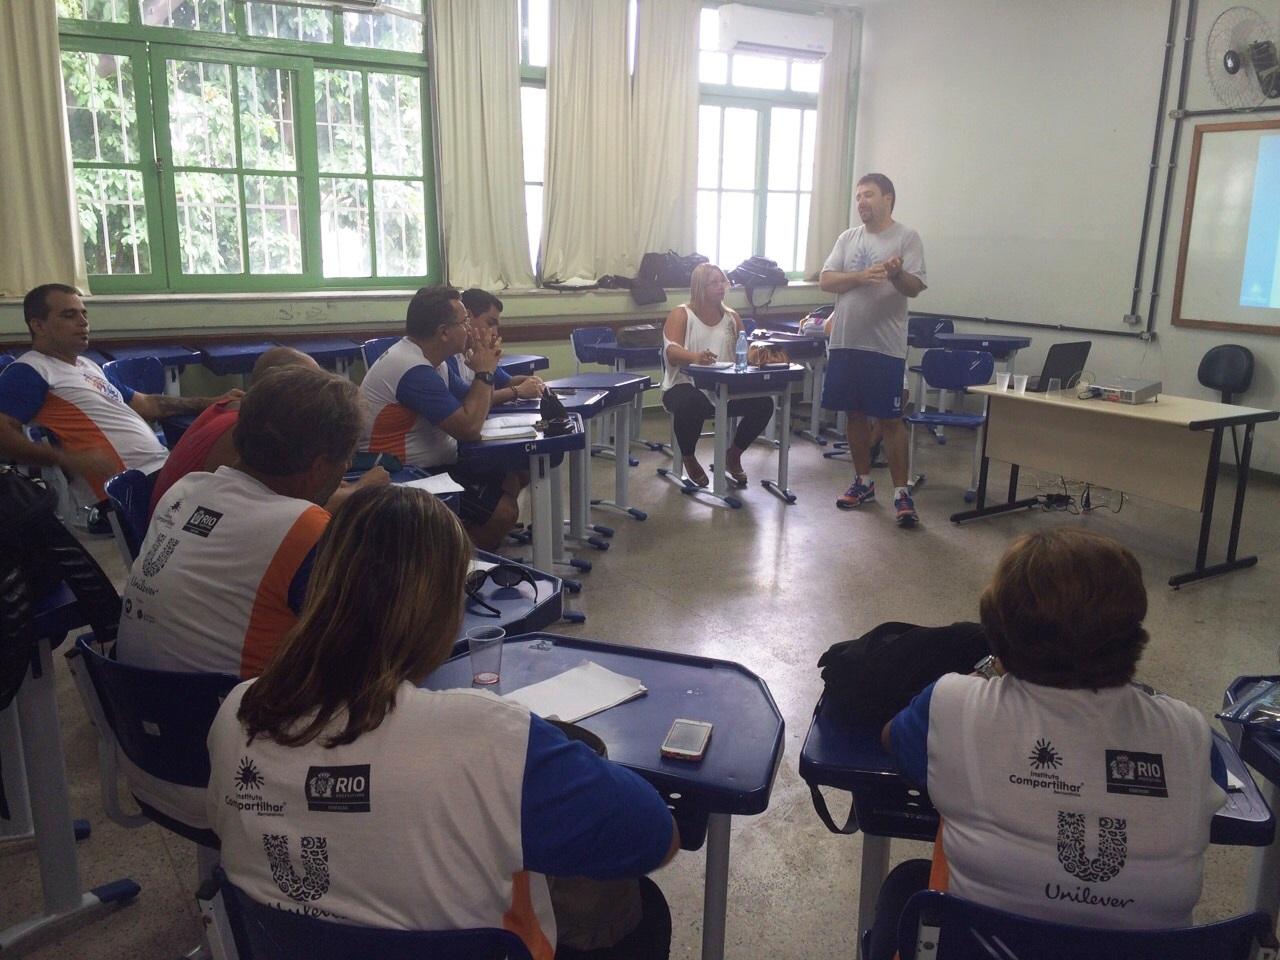 Analista de projetos, Vinicius Petrunko, apresenta resultados quantitativos dos Núcleos Rio/RJ de 2014.